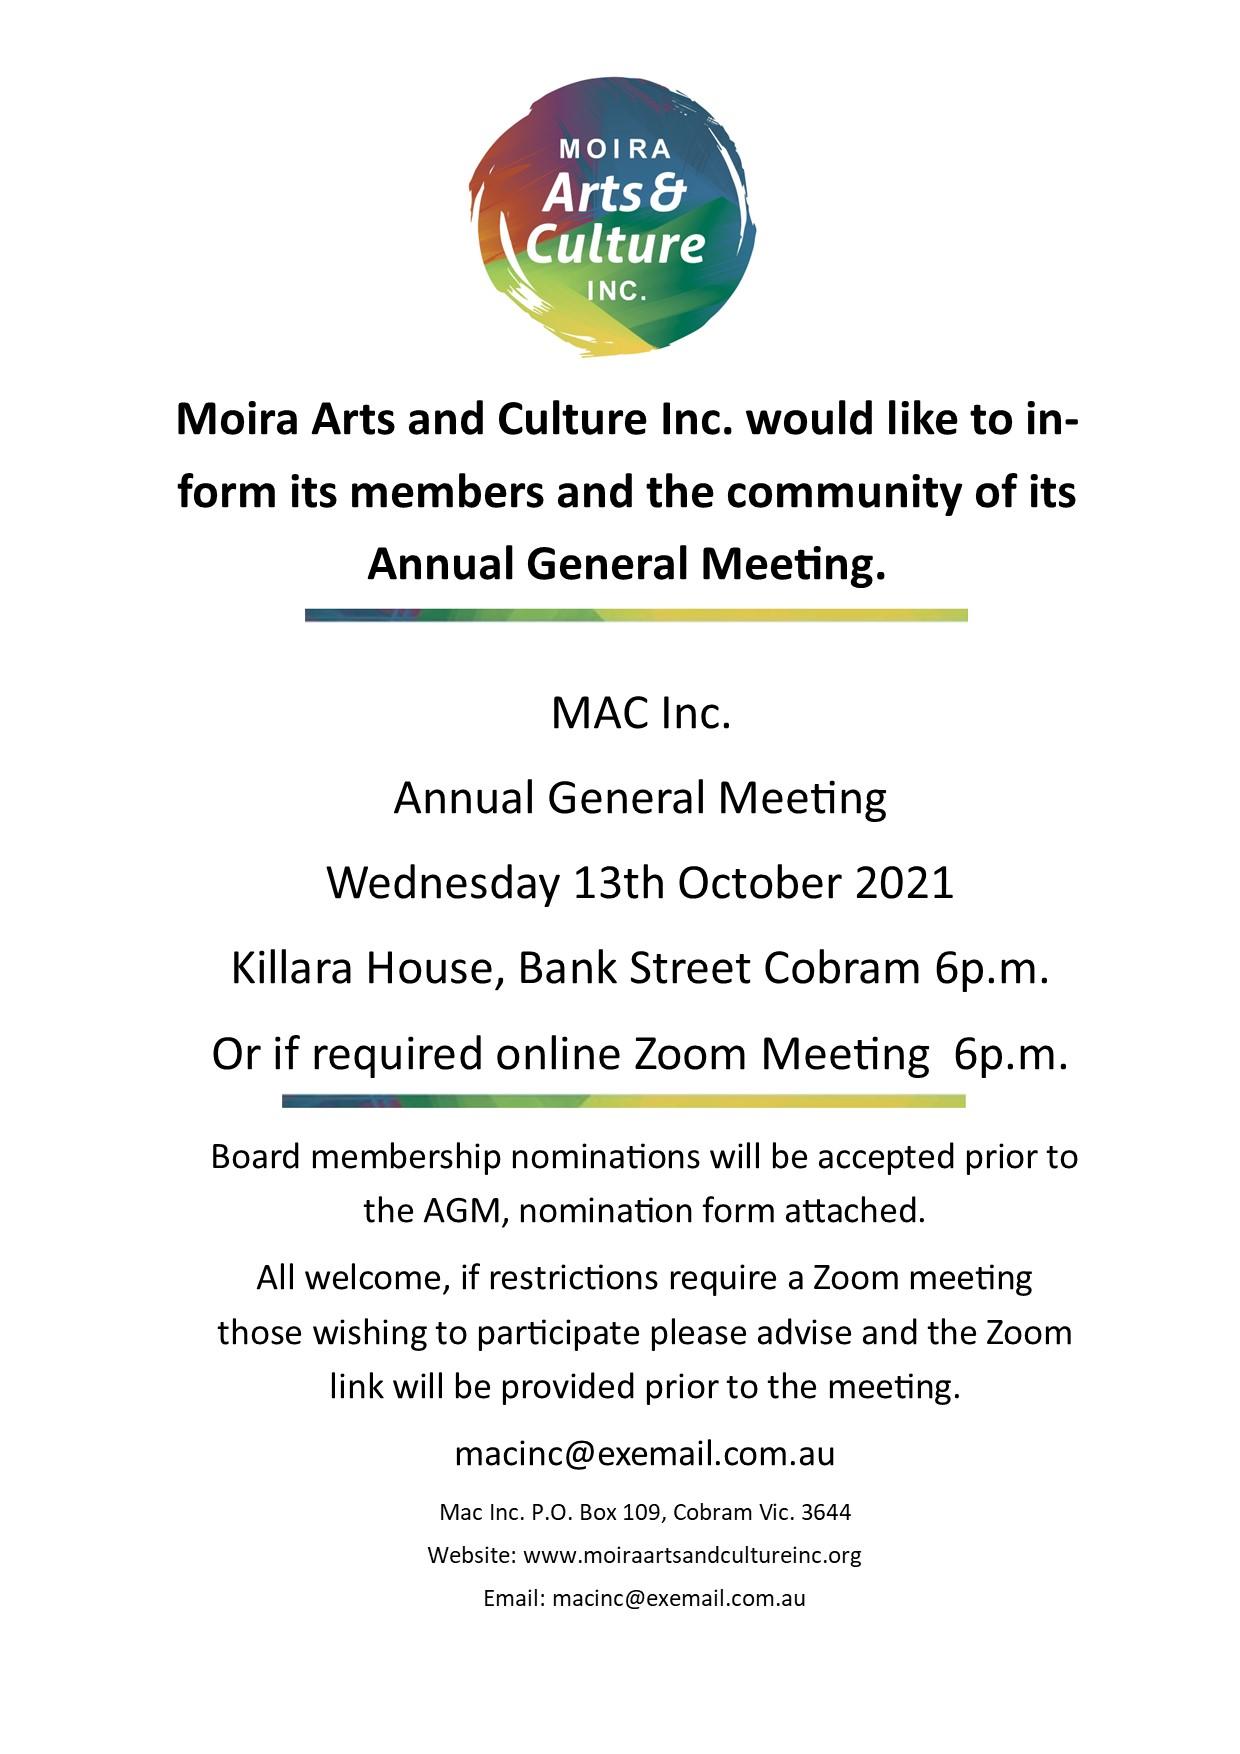 MAC Inc. AGM 2021